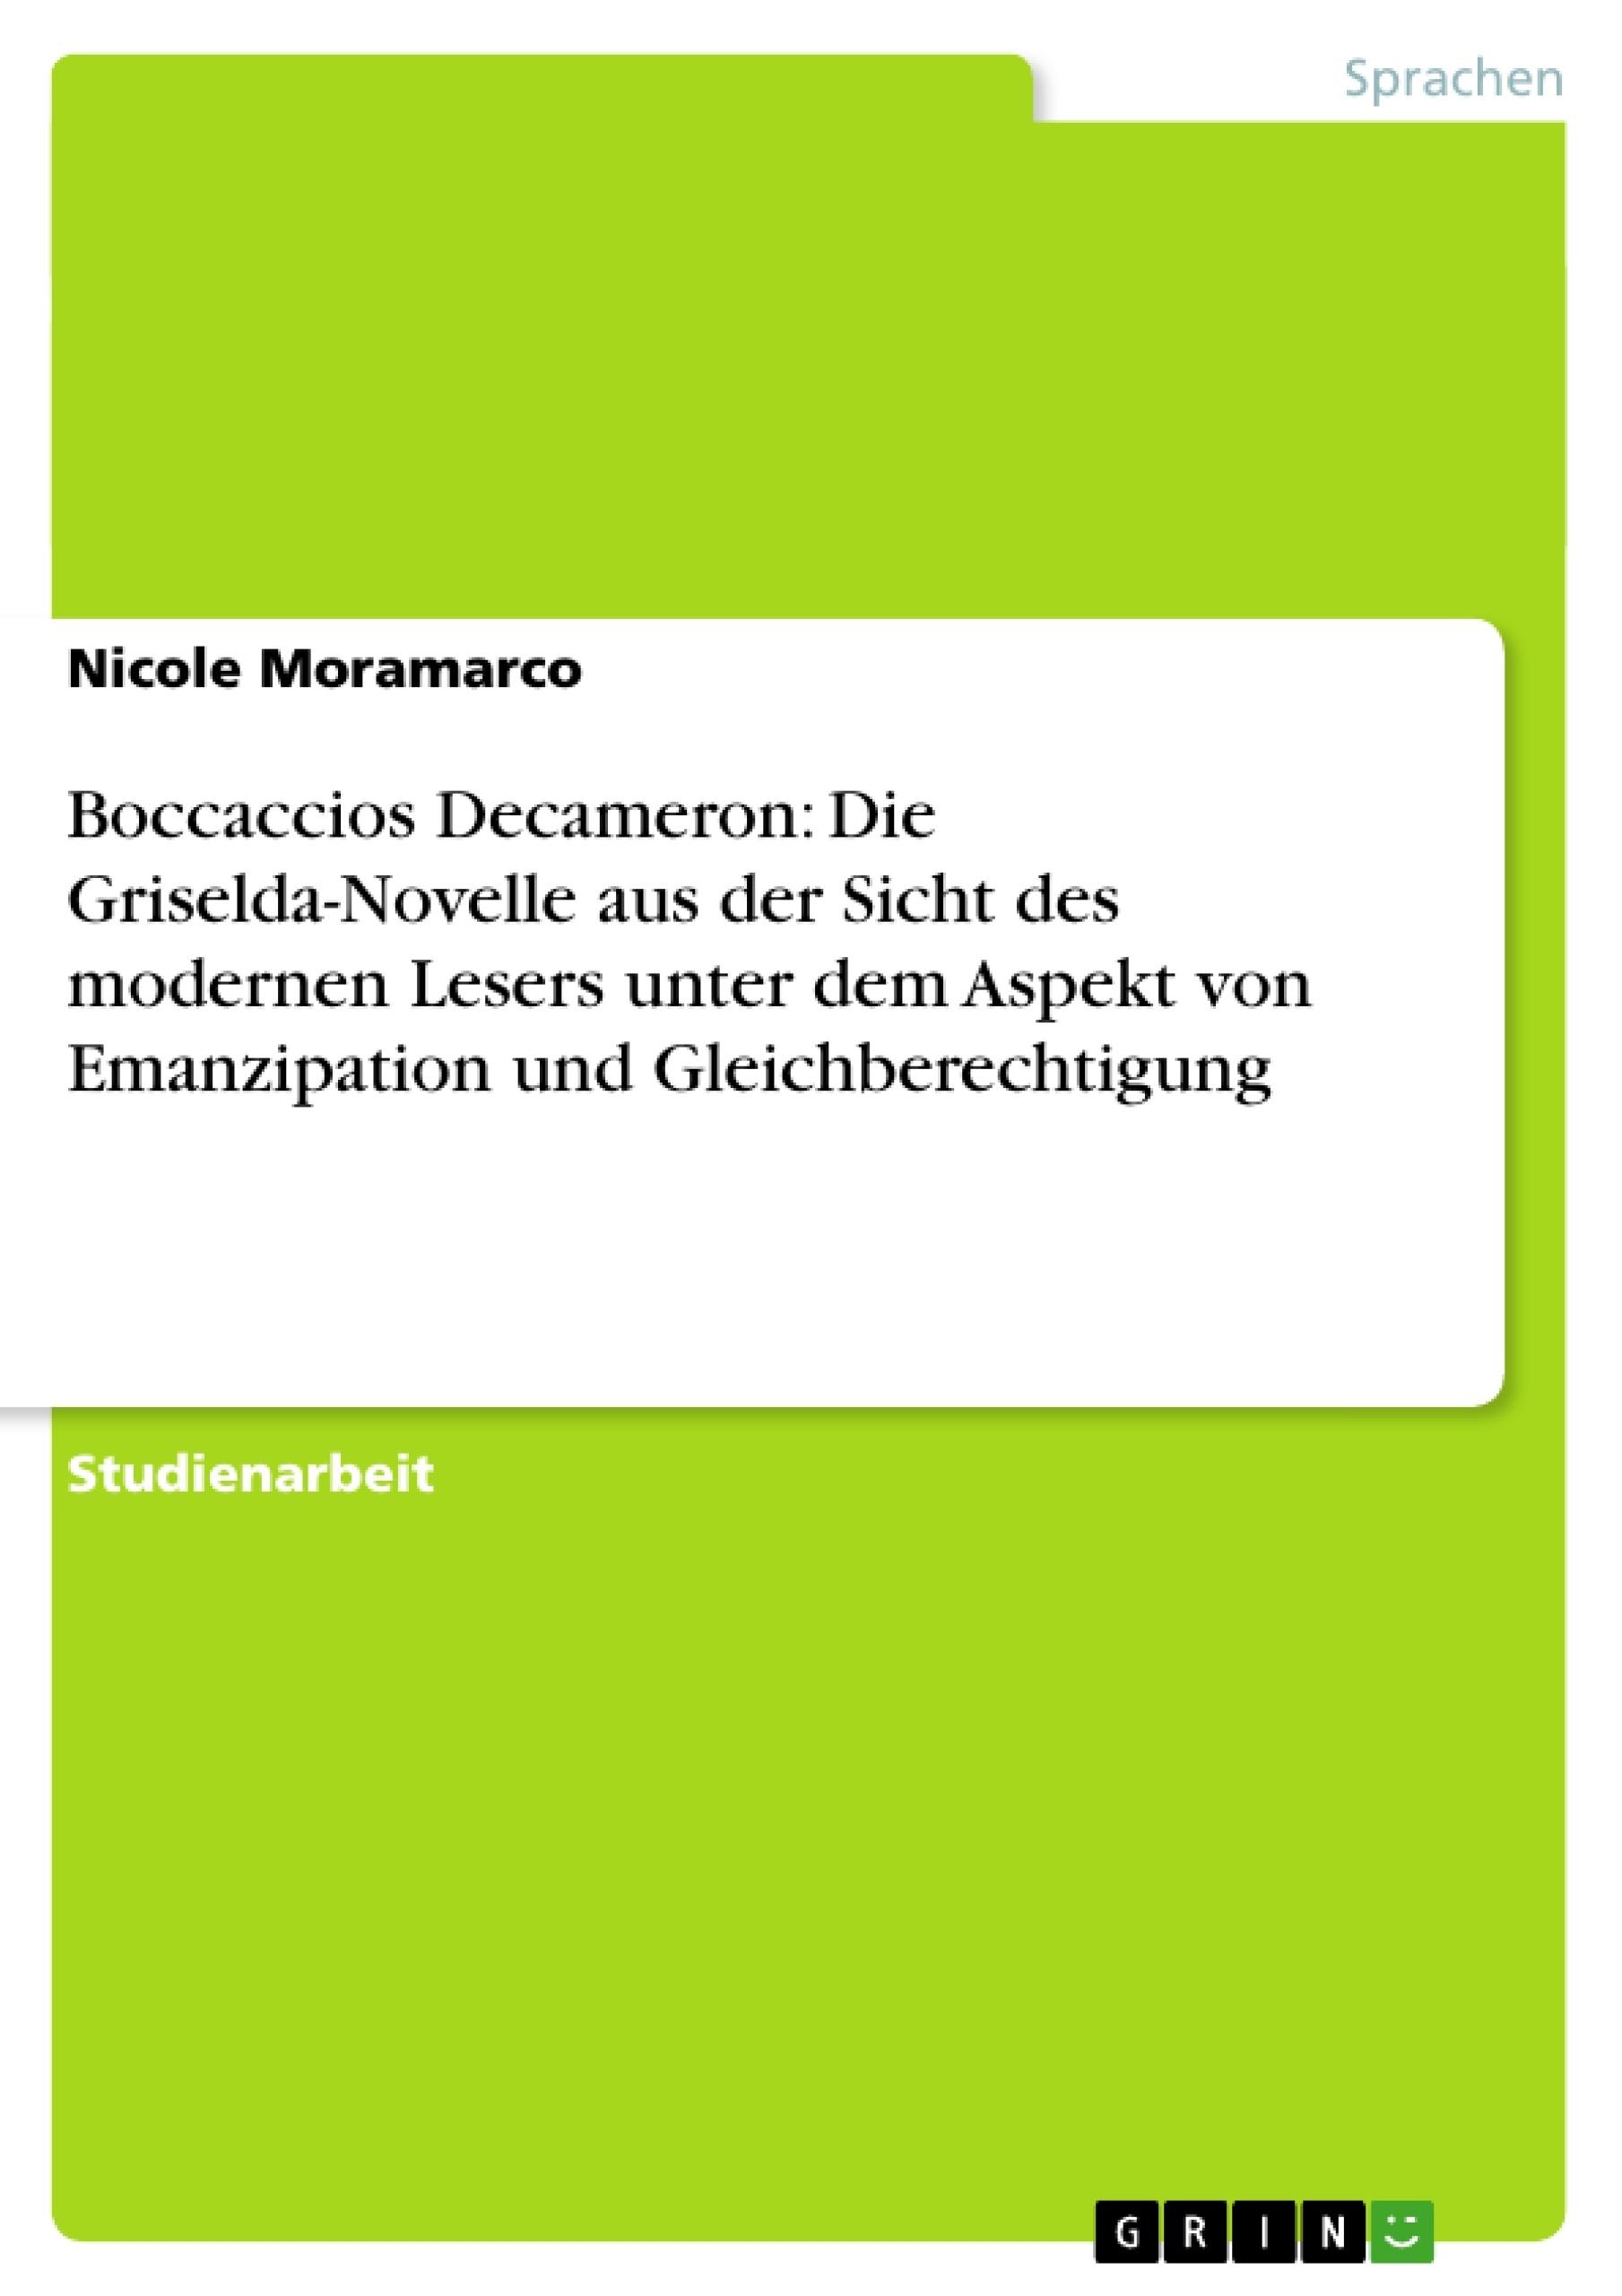 Titel: Boccaccios Decameron: Die Griselda-Novelle aus der Sicht des modernen Lesers unter dem Aspekt von Emanzipation und Gleichberechtigung